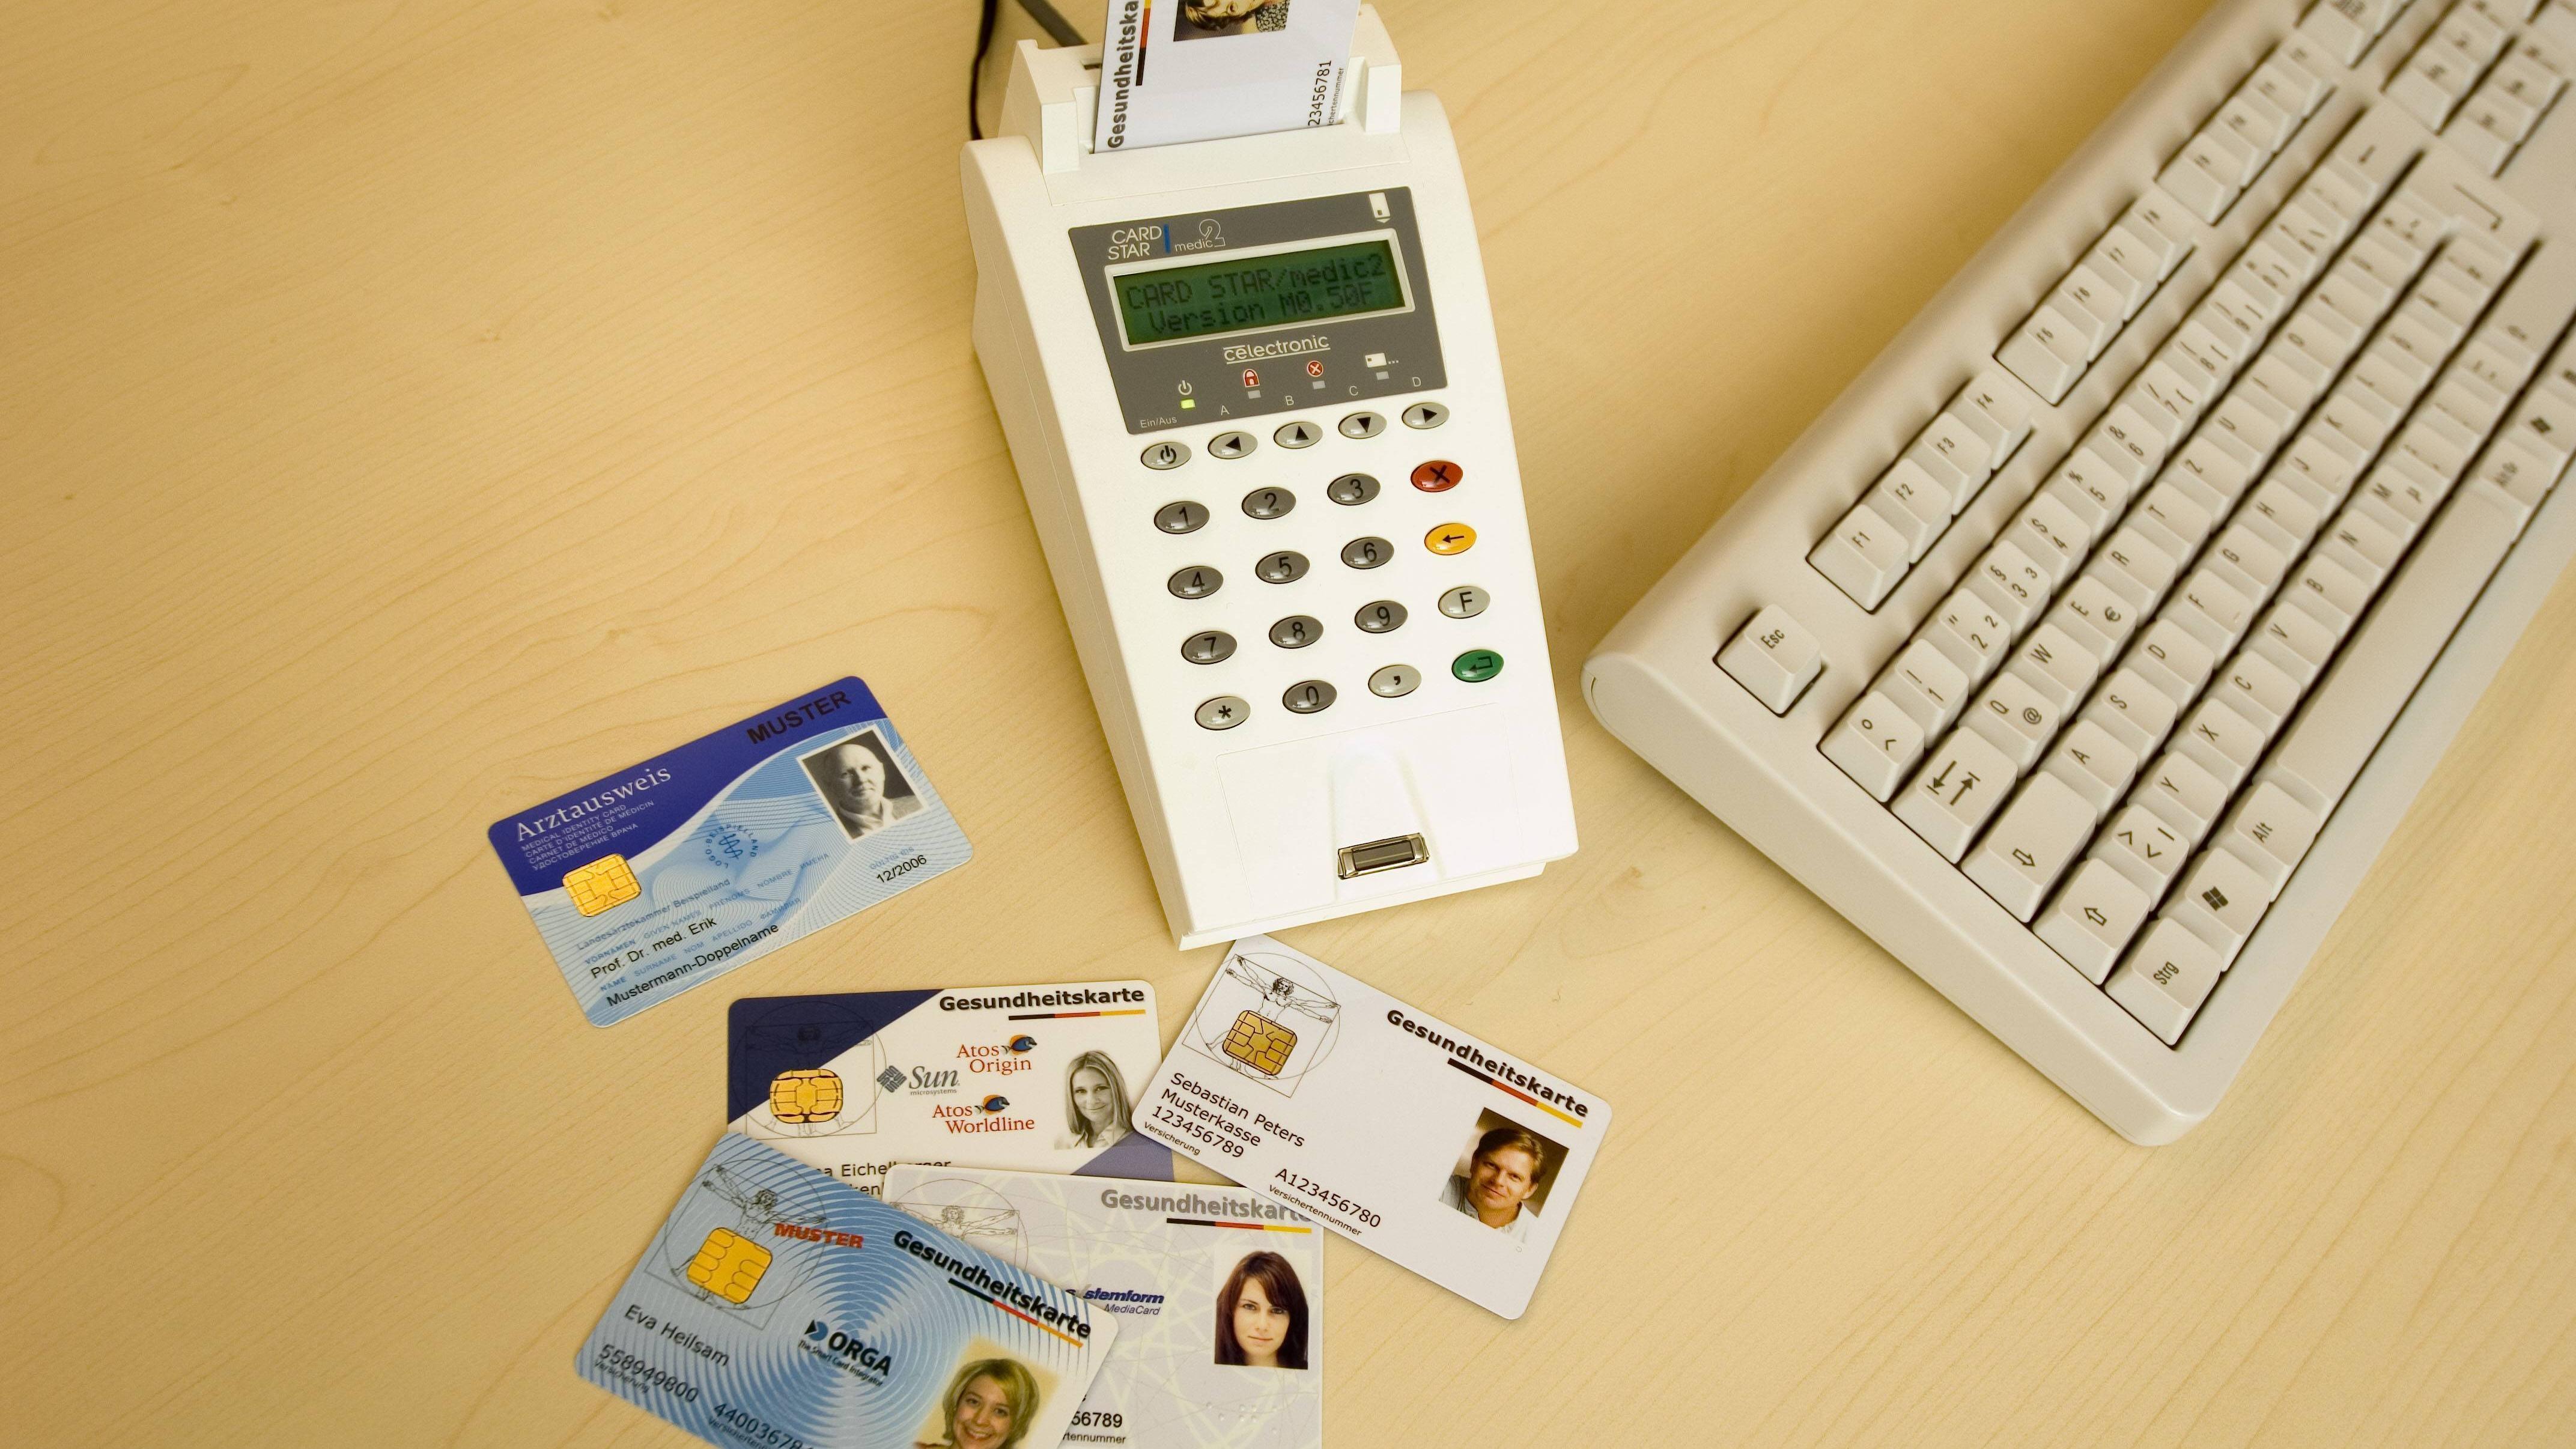 Wenn Ihre AOK-Karte gesperrt ist, dann kann dies verschiedene Ursachen haben.